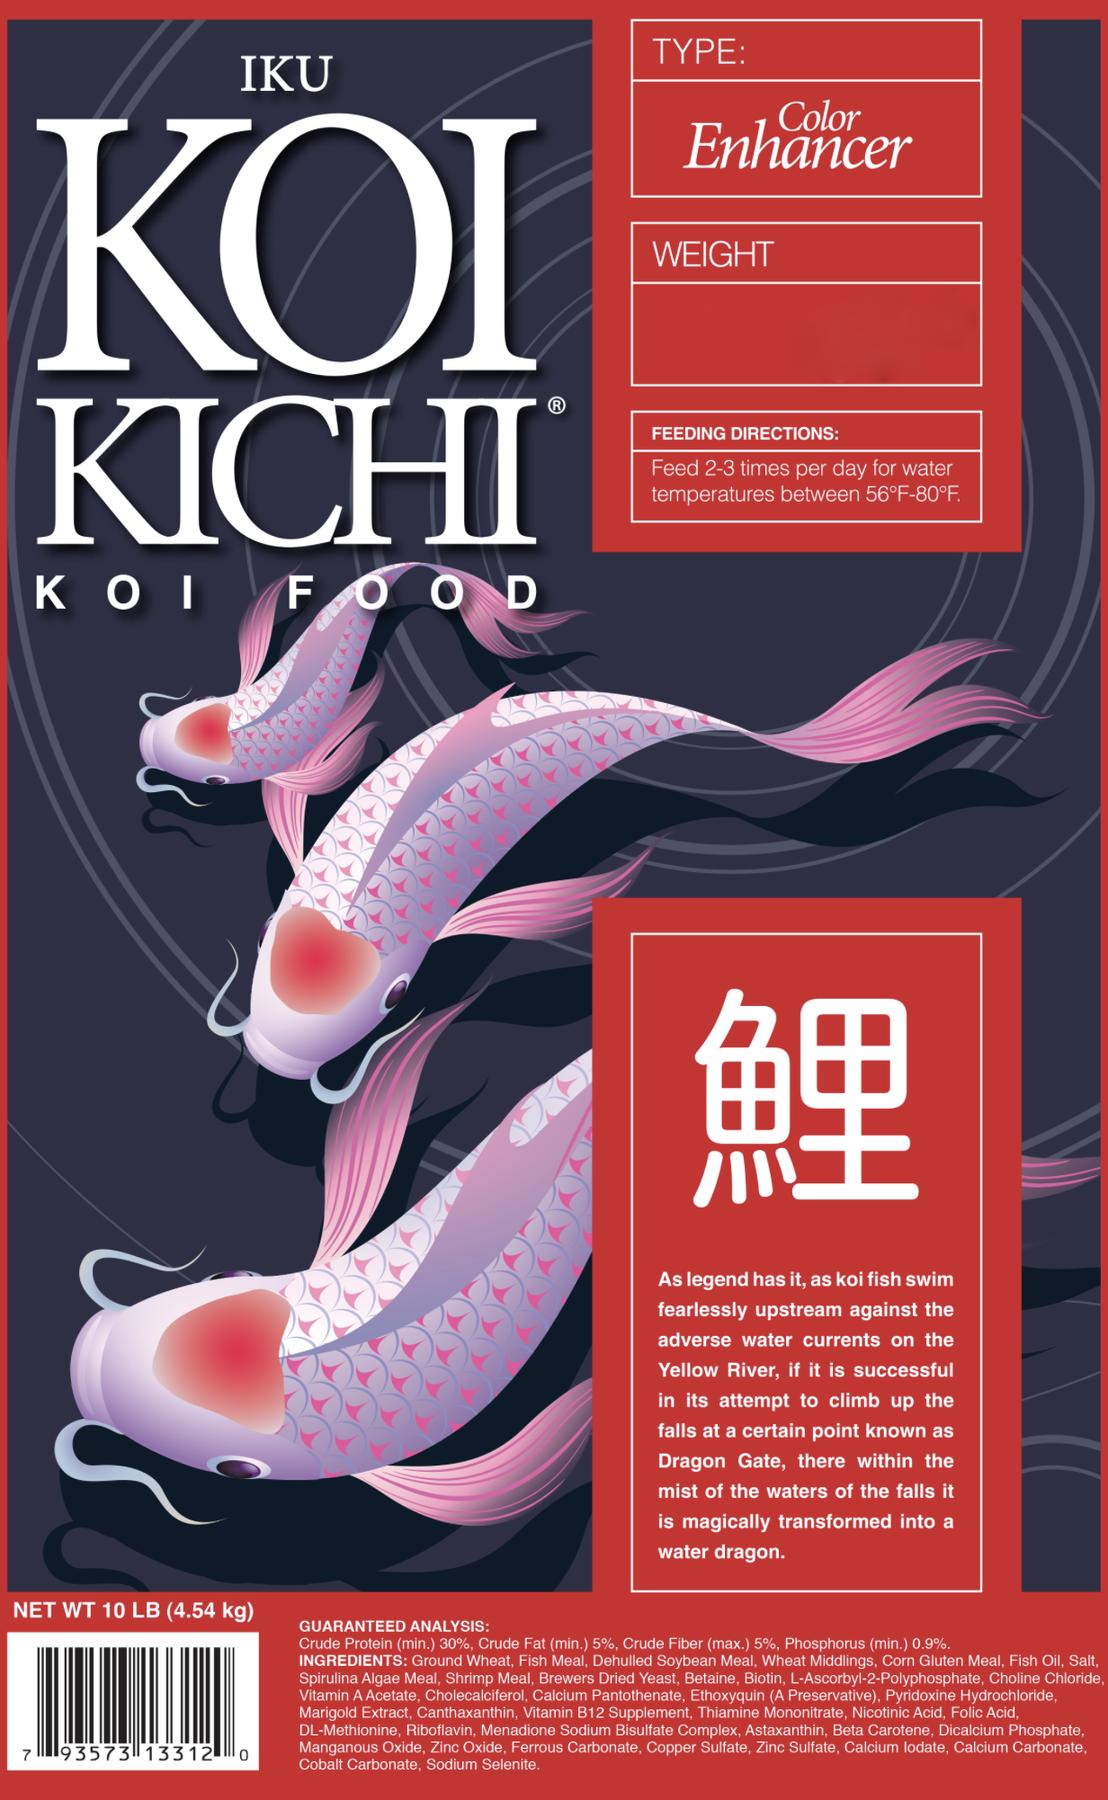 Iku Koi Kichi Color Enhancer Koi Fish Food - 40 lbs.